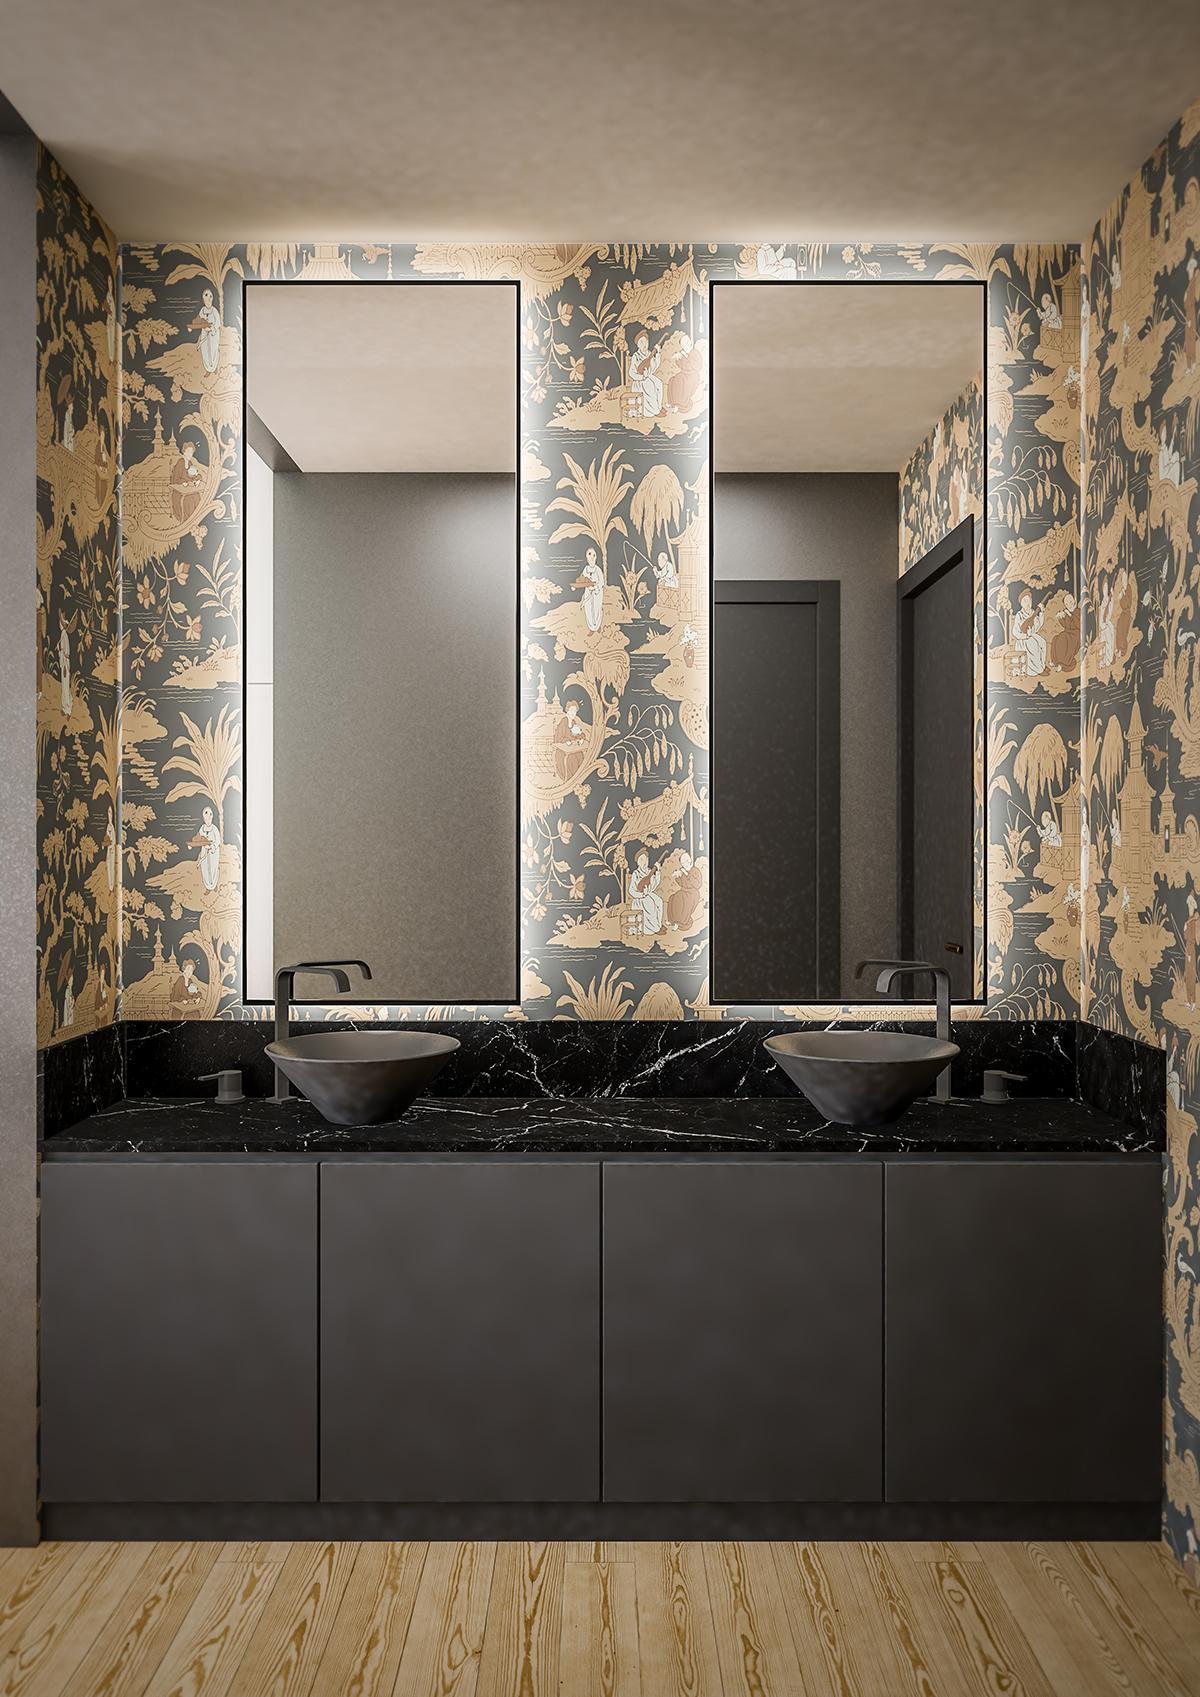 baño-dormitorio-lavabo-casa-gato-vivienda-valencia-tiovivo-3d